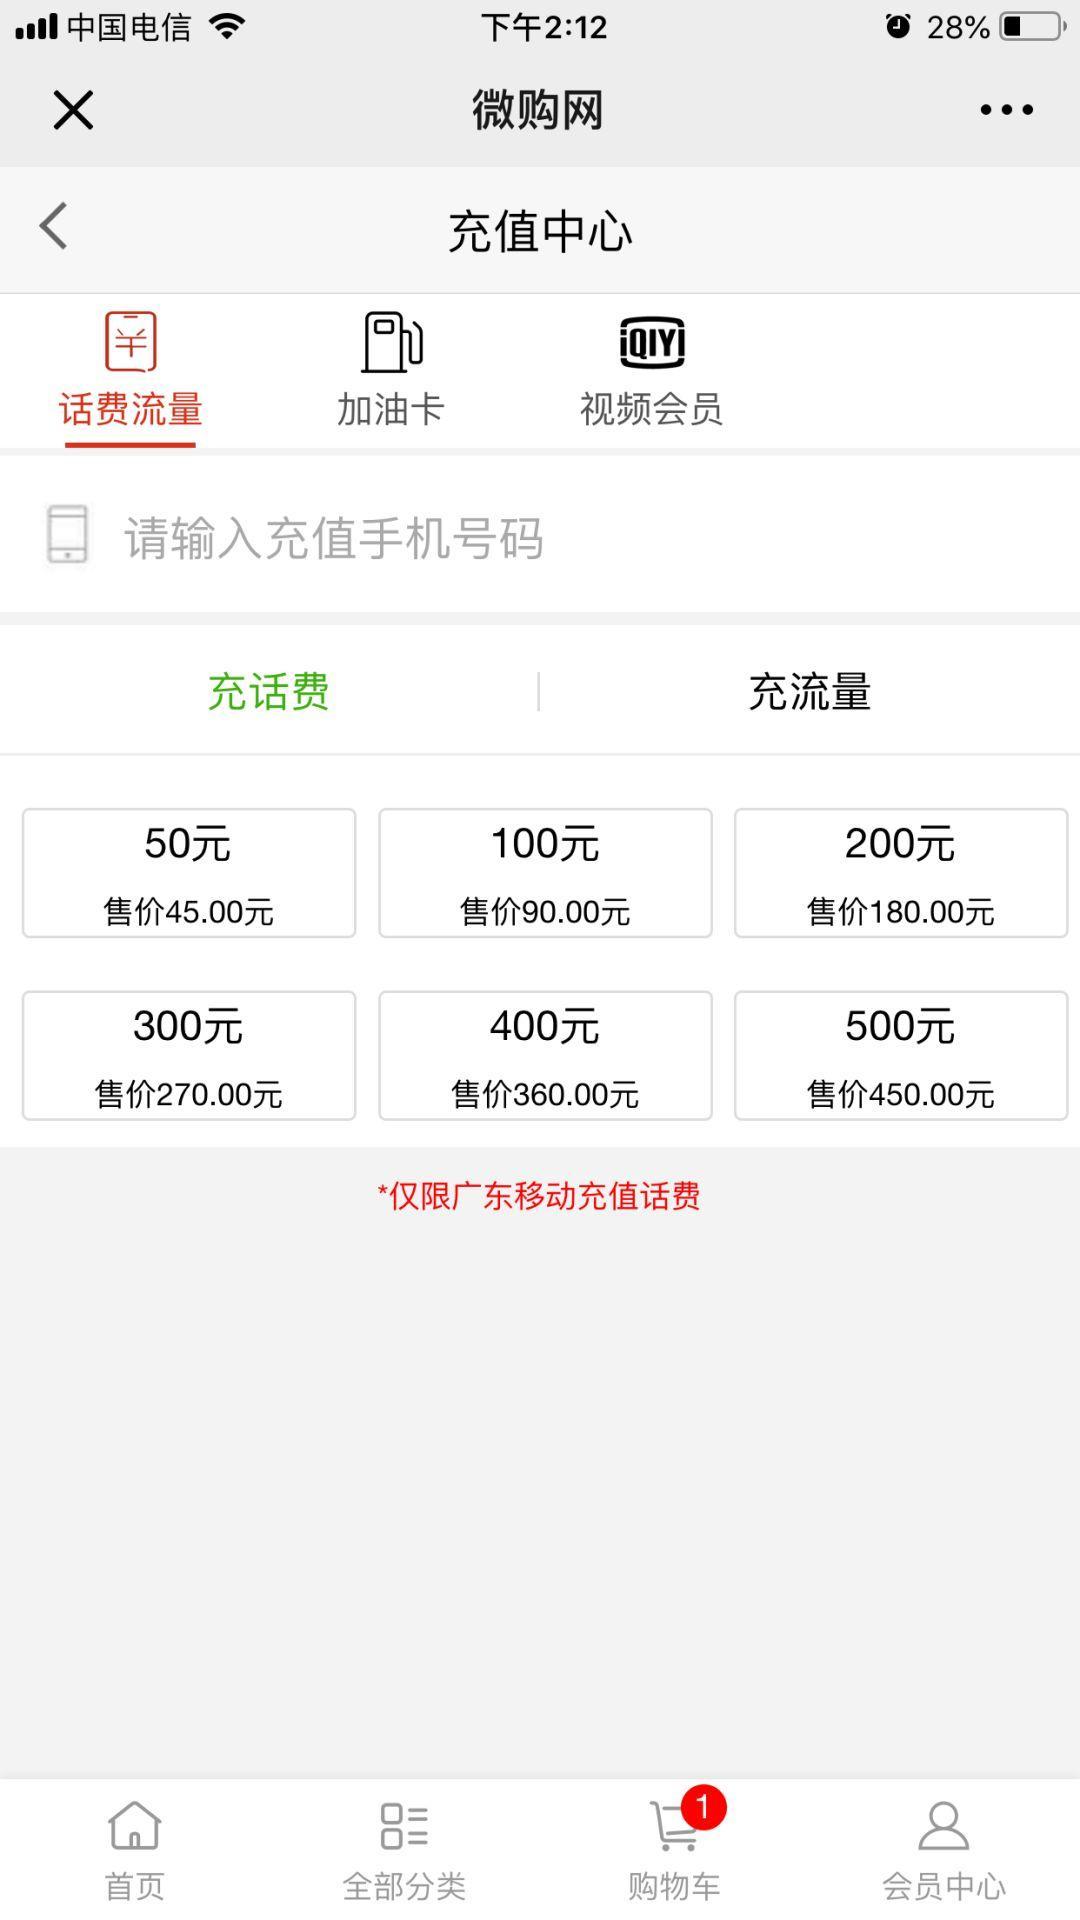 @所有人 广东移动充值话费9折,优惠充值最高可省50元~